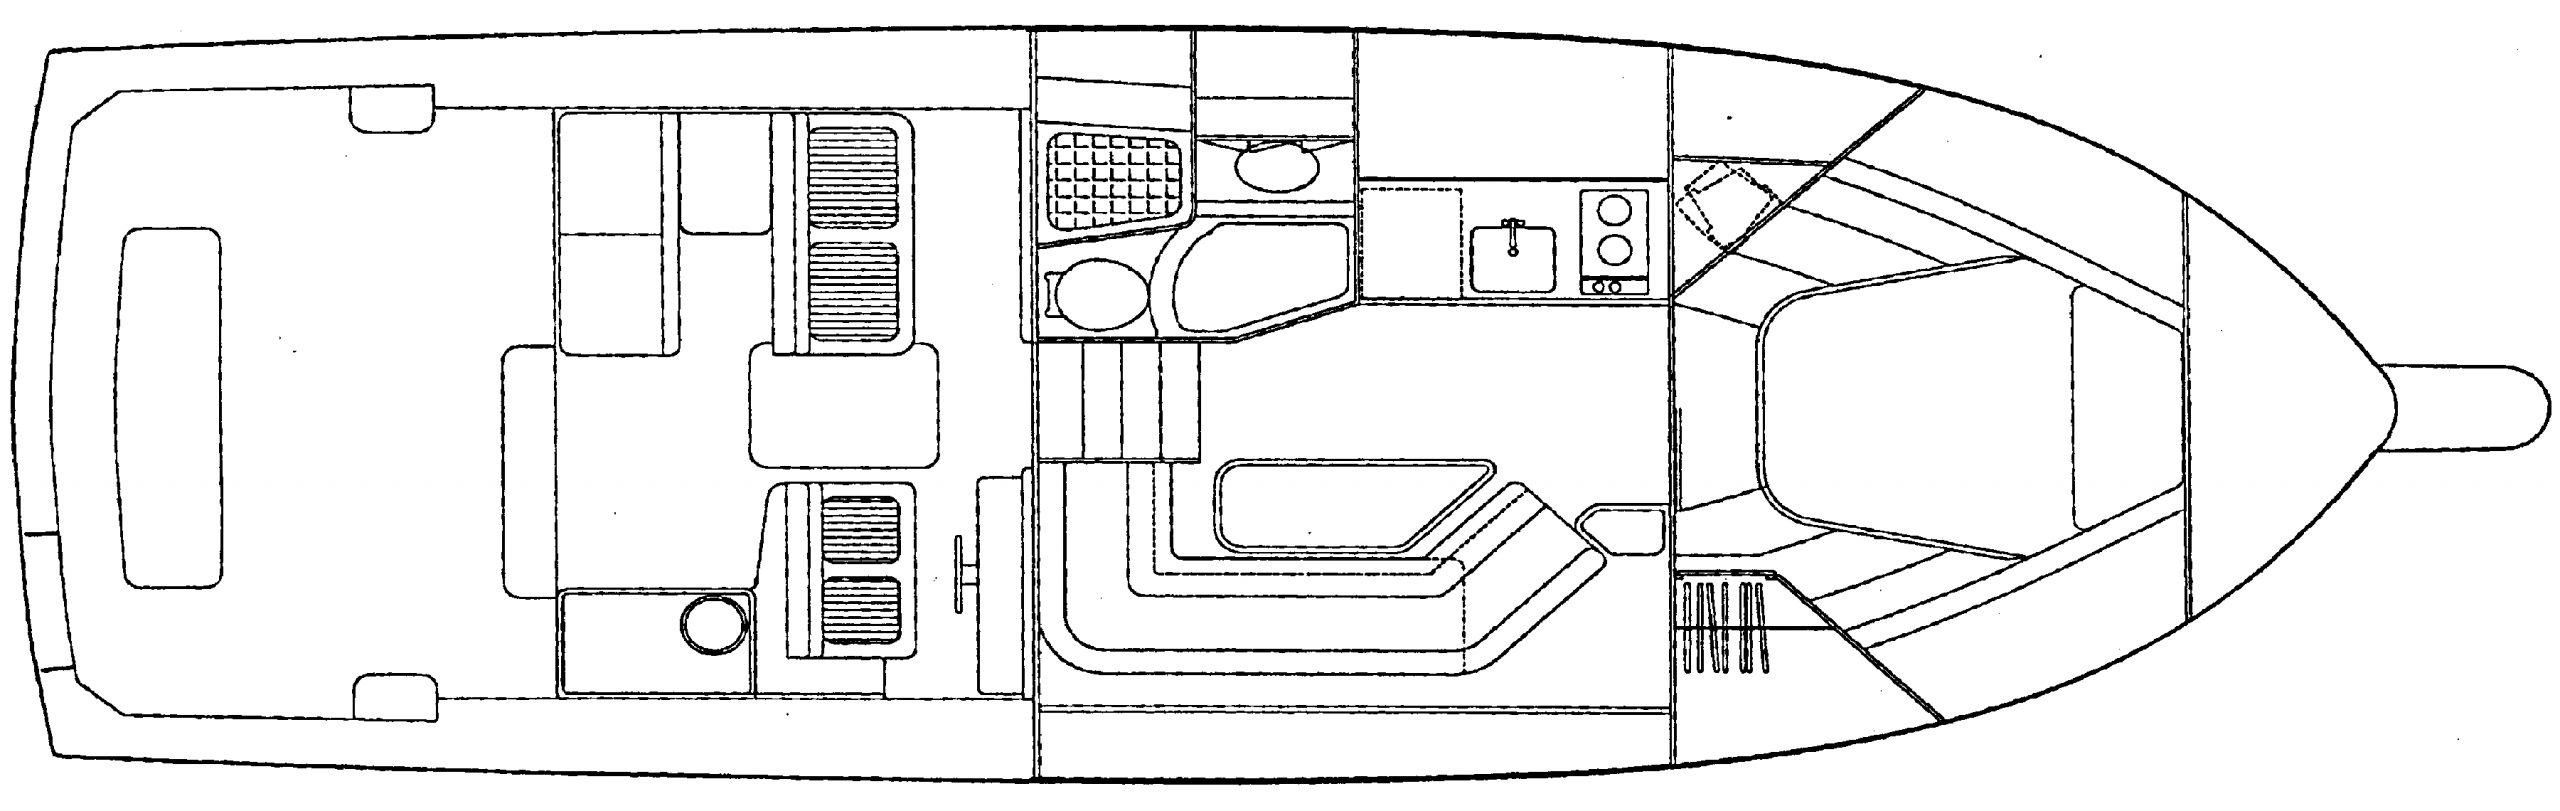 36 Moppie Floor Plan 2